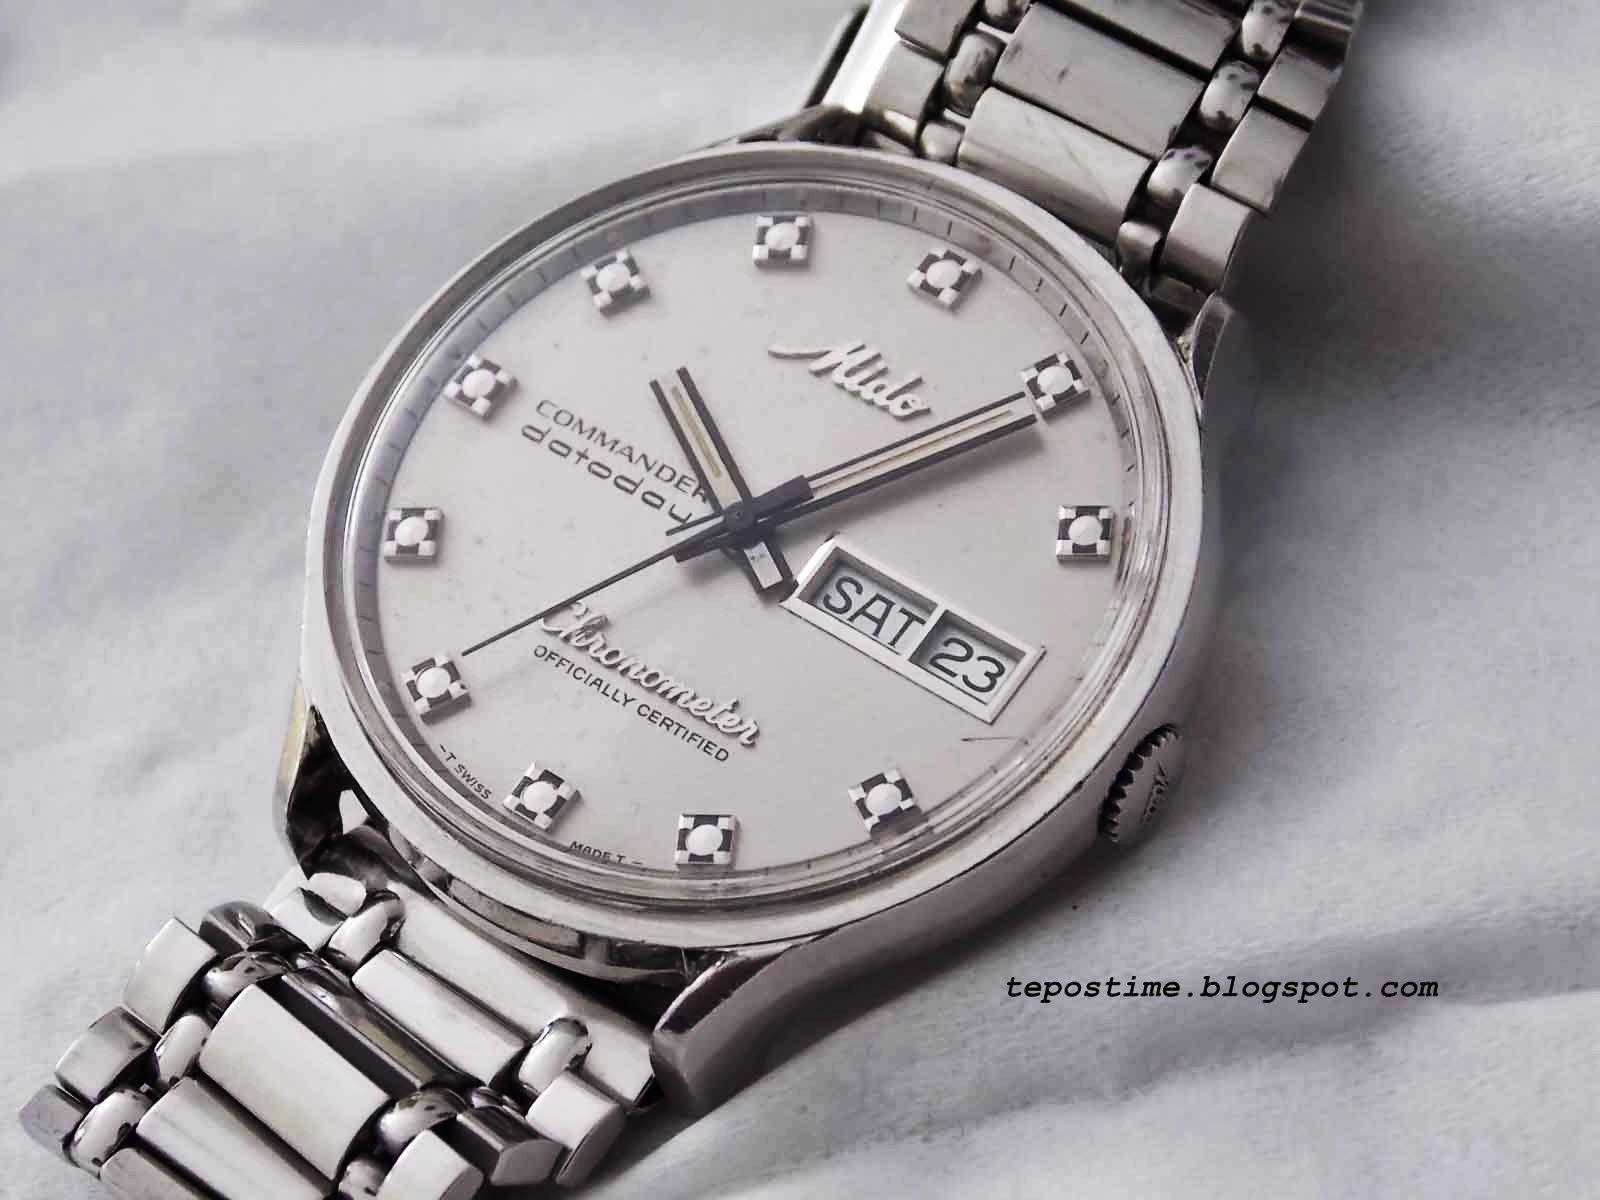 e258a7571ce Mido chronometer